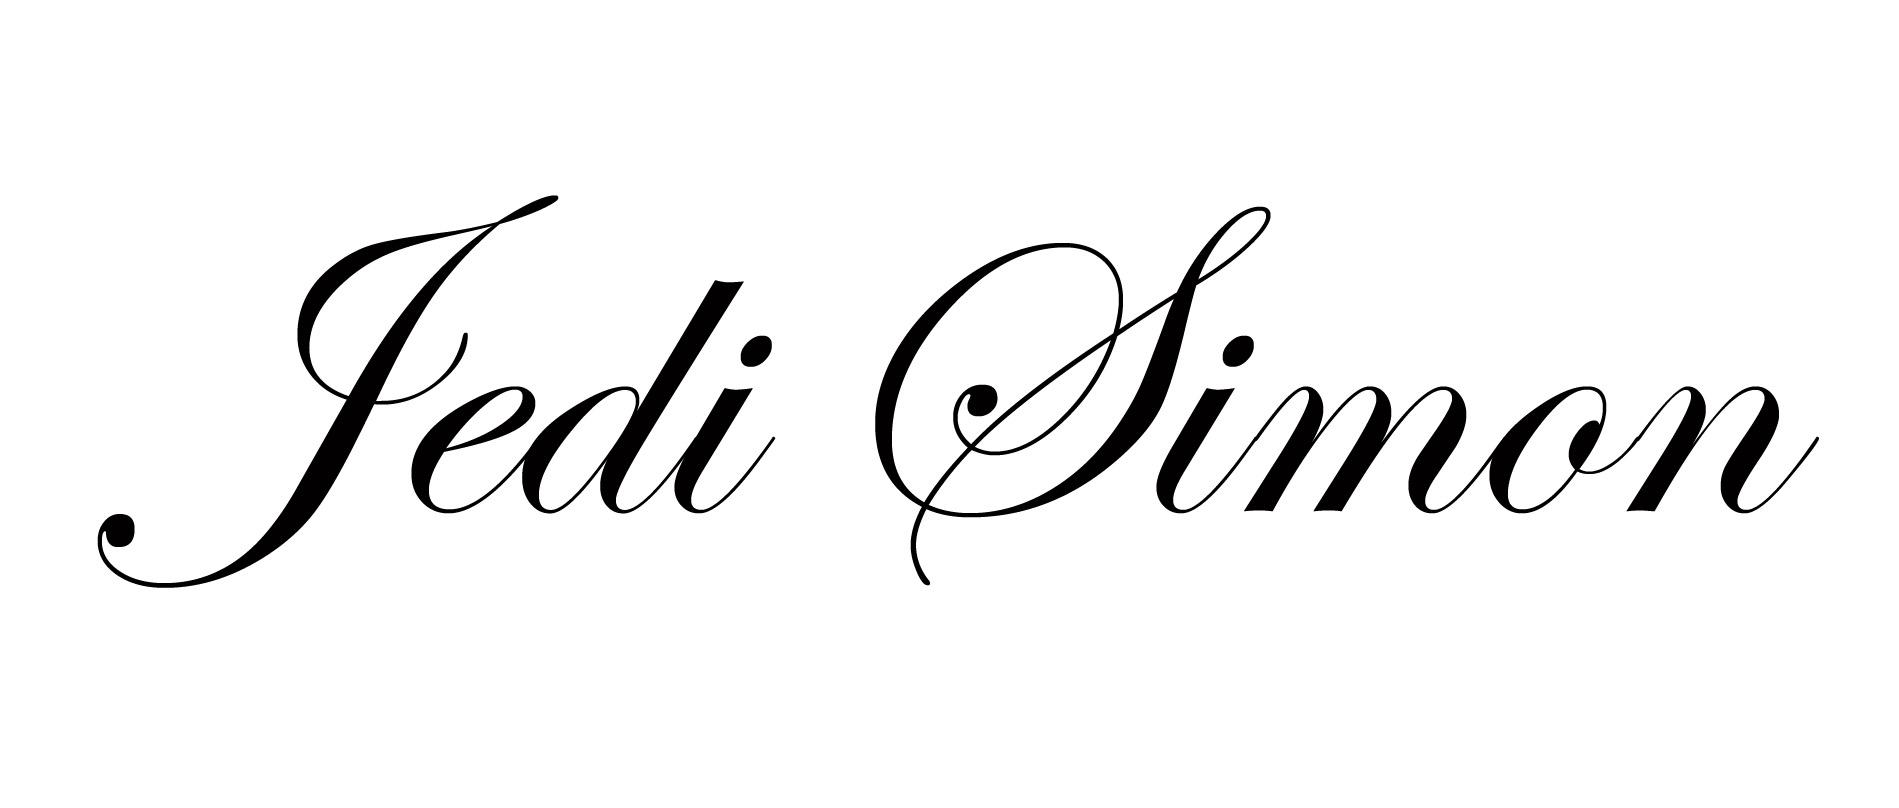 JEDI SIMON's Signature